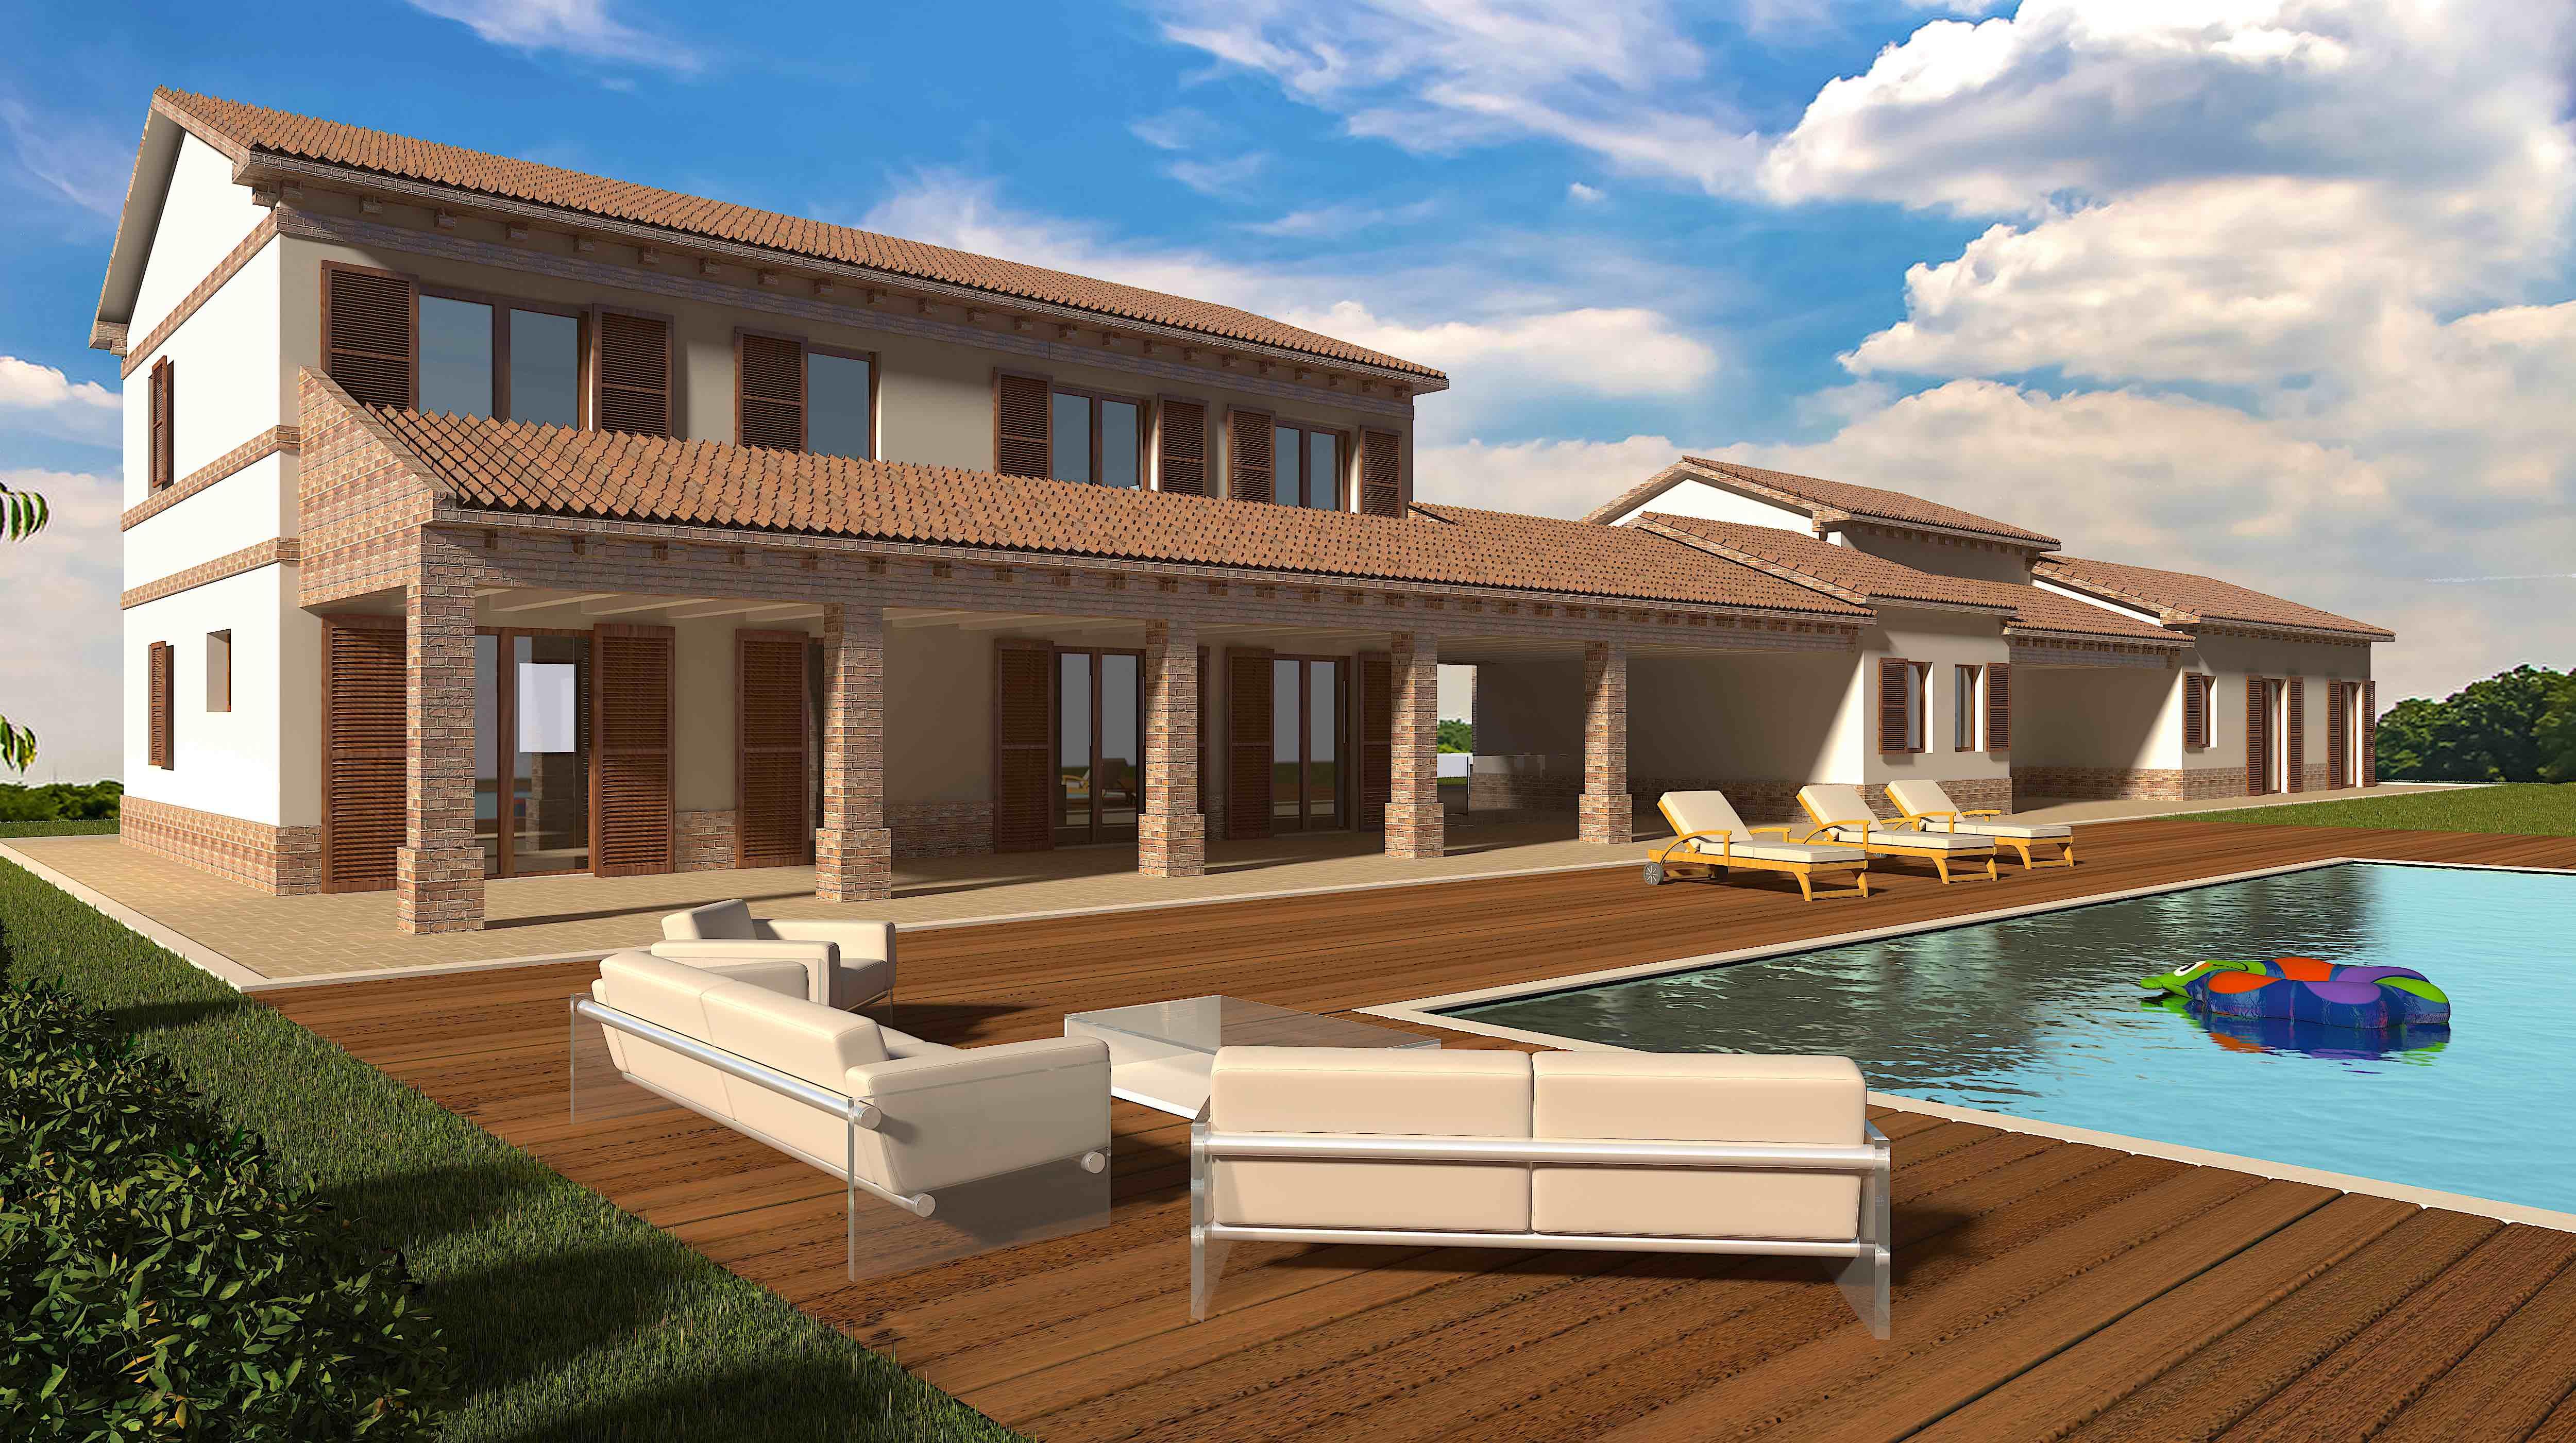 Case In Legno Problemi mercato immobiliare italiano: legno e muratura confronto